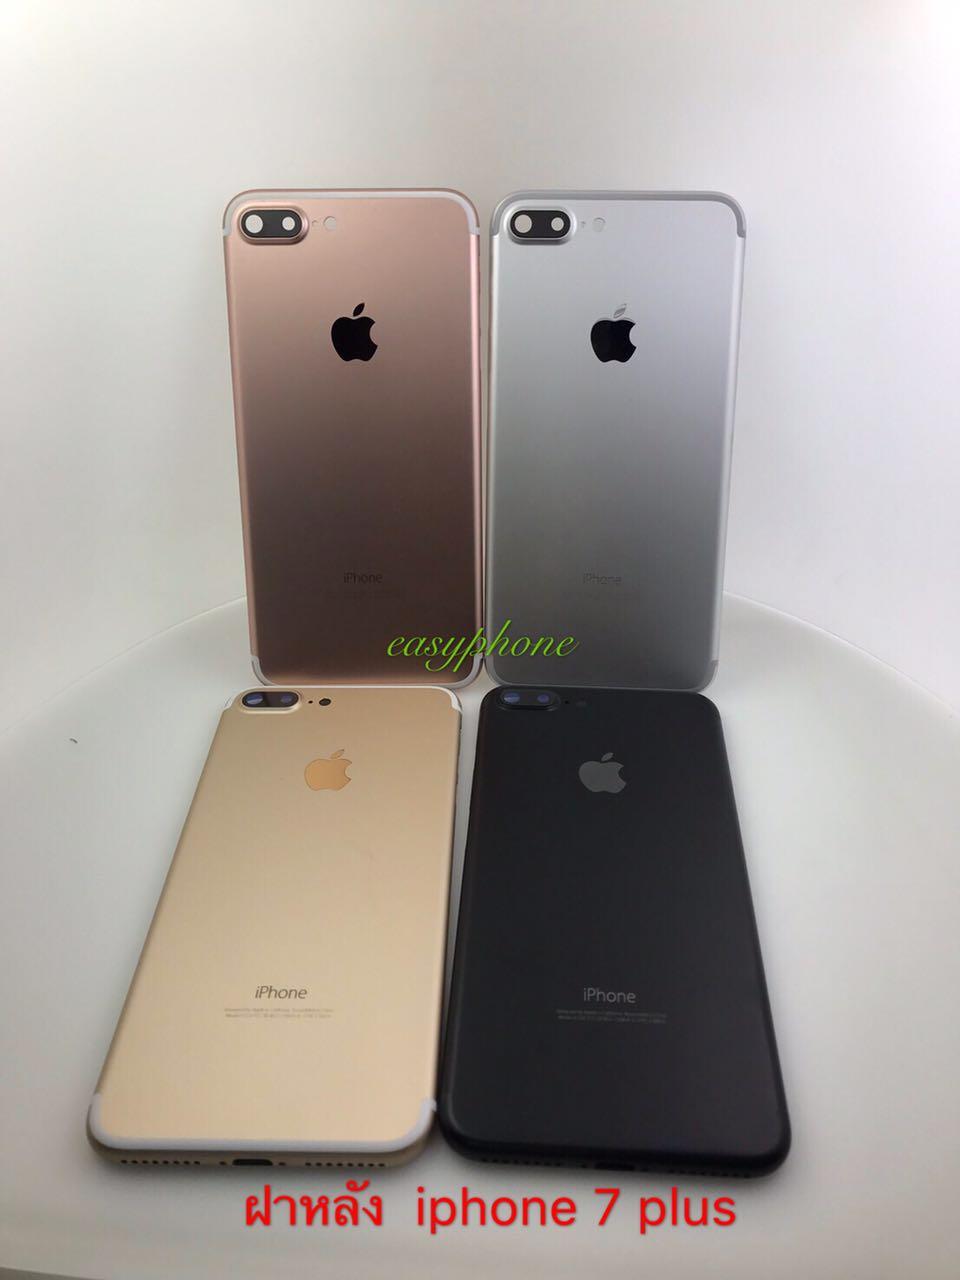 ฝาหลัง iPhone 7 plus ของแท้ // สีดำ / สีขาว / สีทอง / สีชมพู